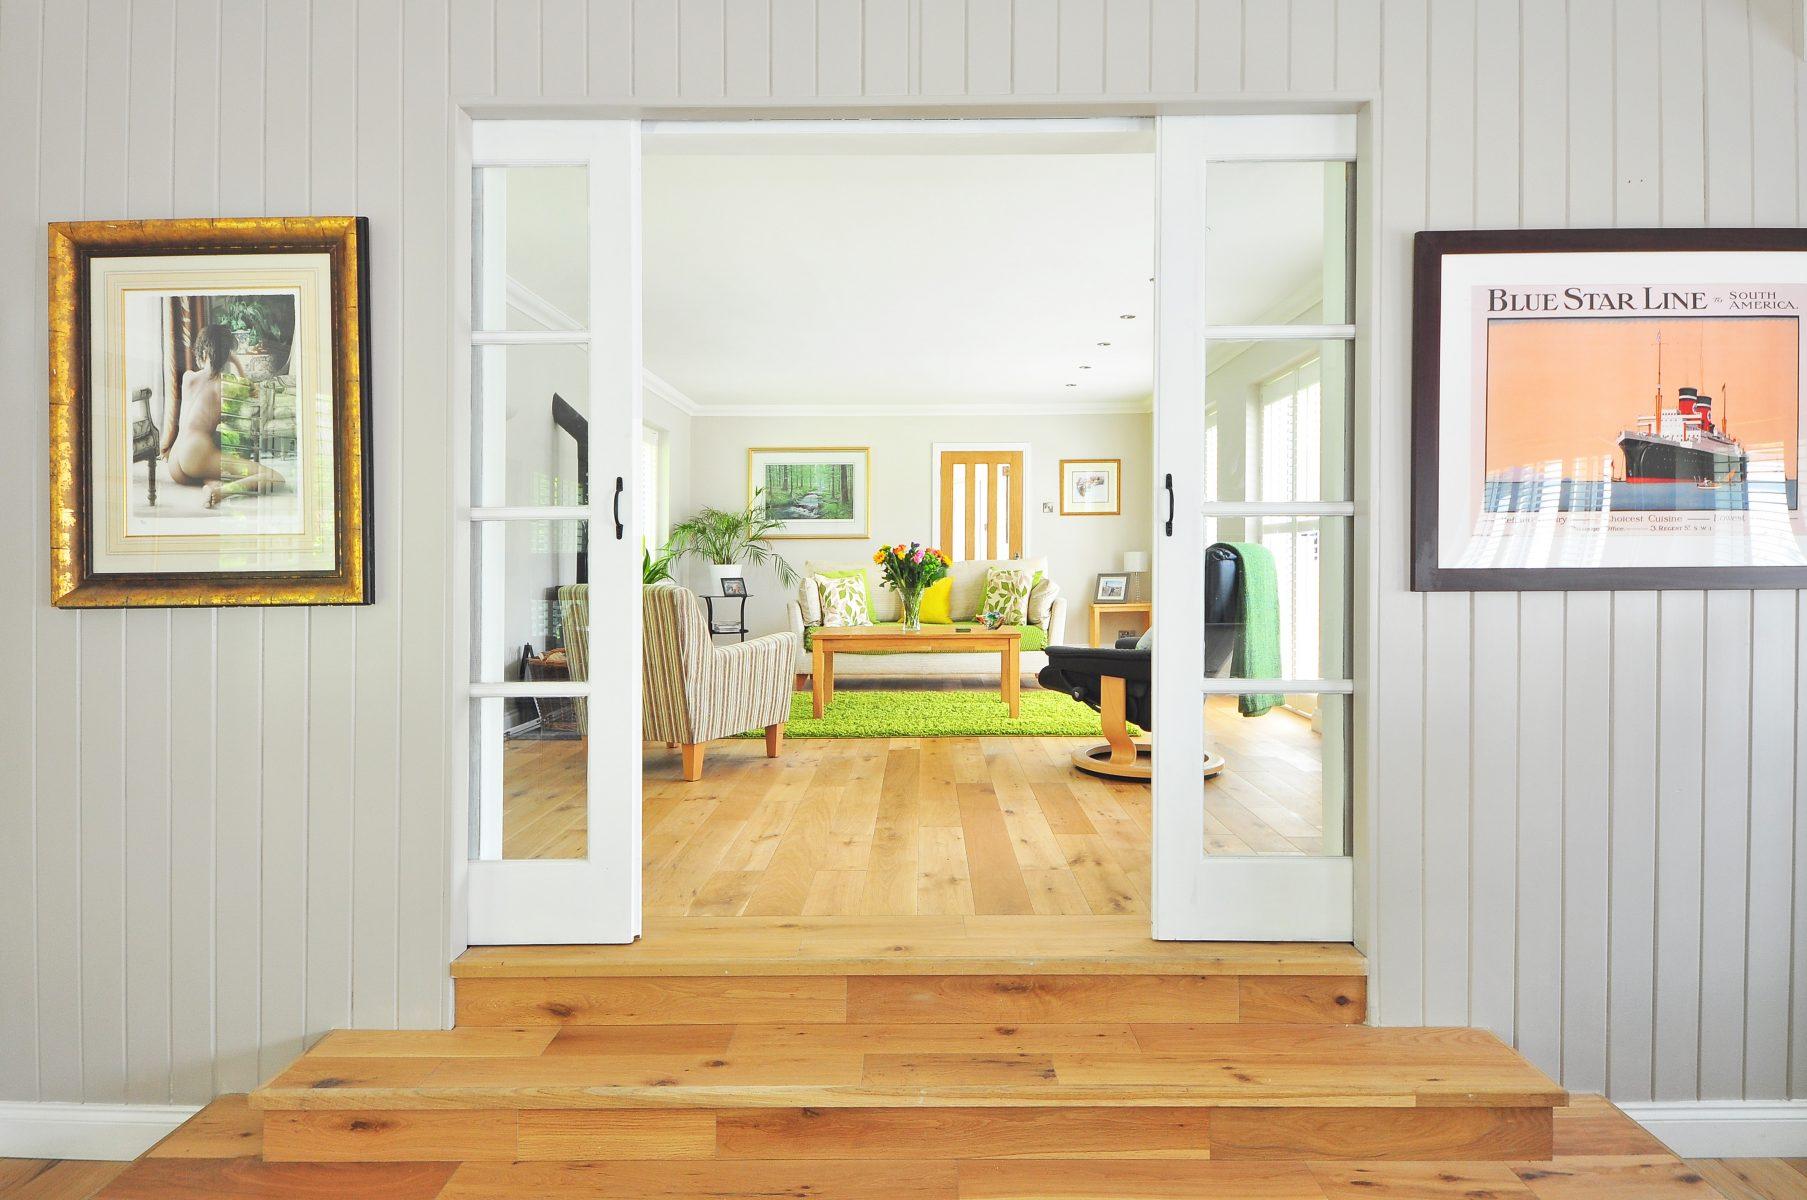 Alquilar un piso como vivienda turística